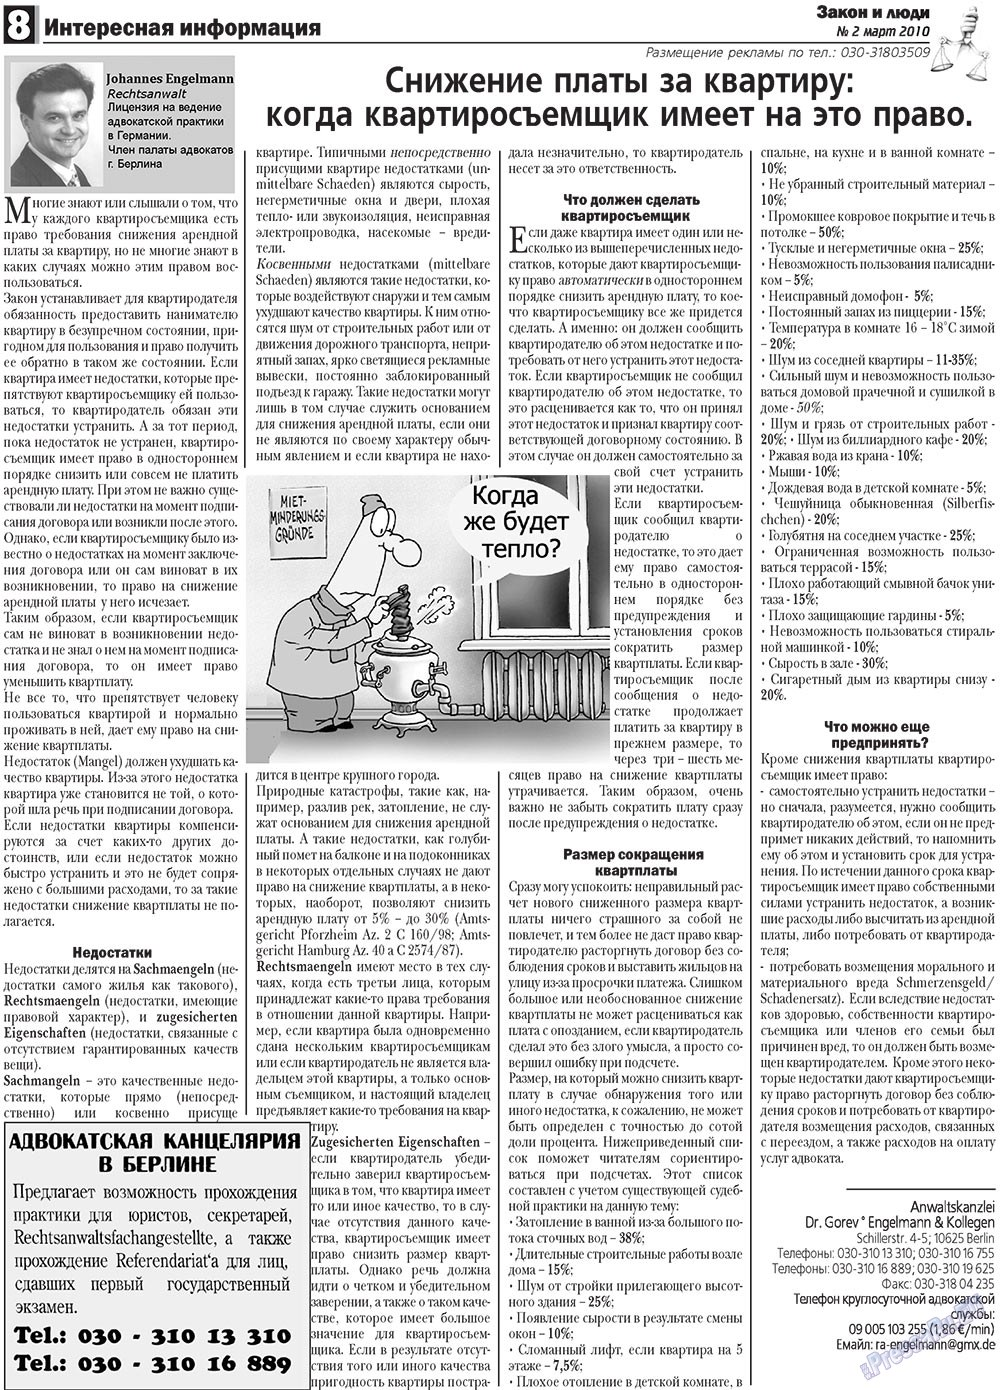 Закон и люди (газета). 2010 год, номер 2, стр. 8